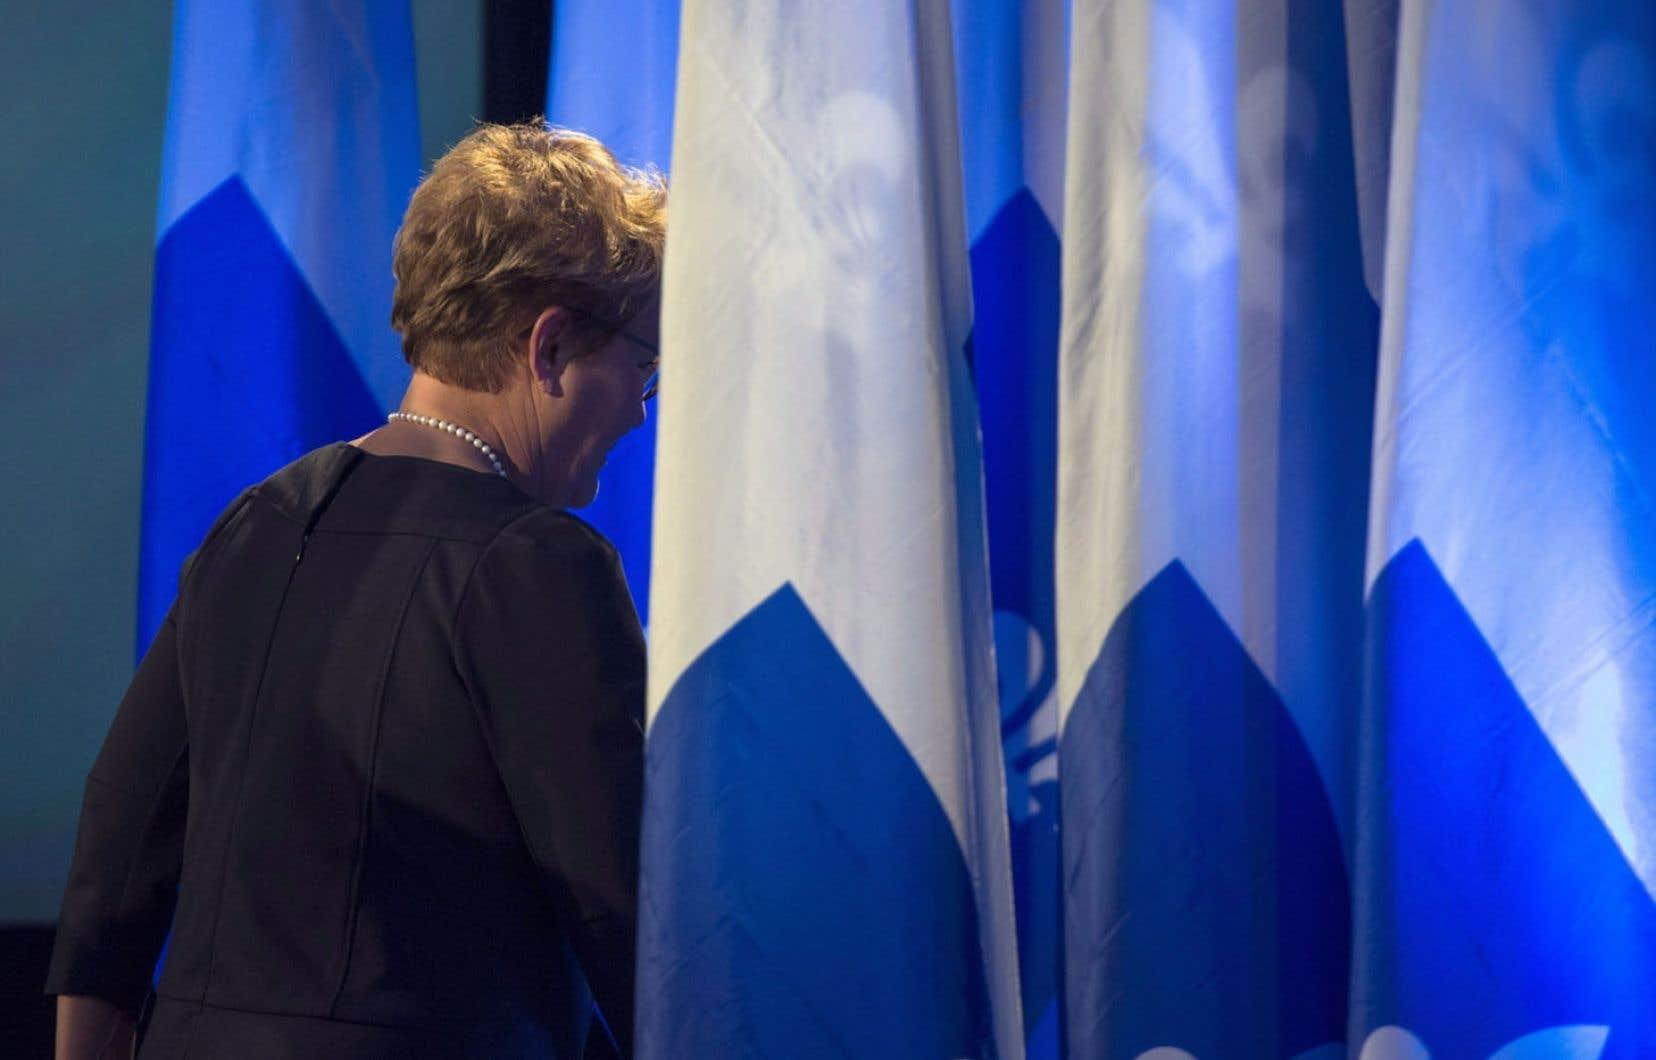 Renoncer pour deux mandats à tenir un référendum, comme l'a évoqué Pauline Marois durant la campagne électorale, ou, pire, abandonner l'objectif de réaliser la souveraineté, c'est ni plus ni moins que saborder le PQ.